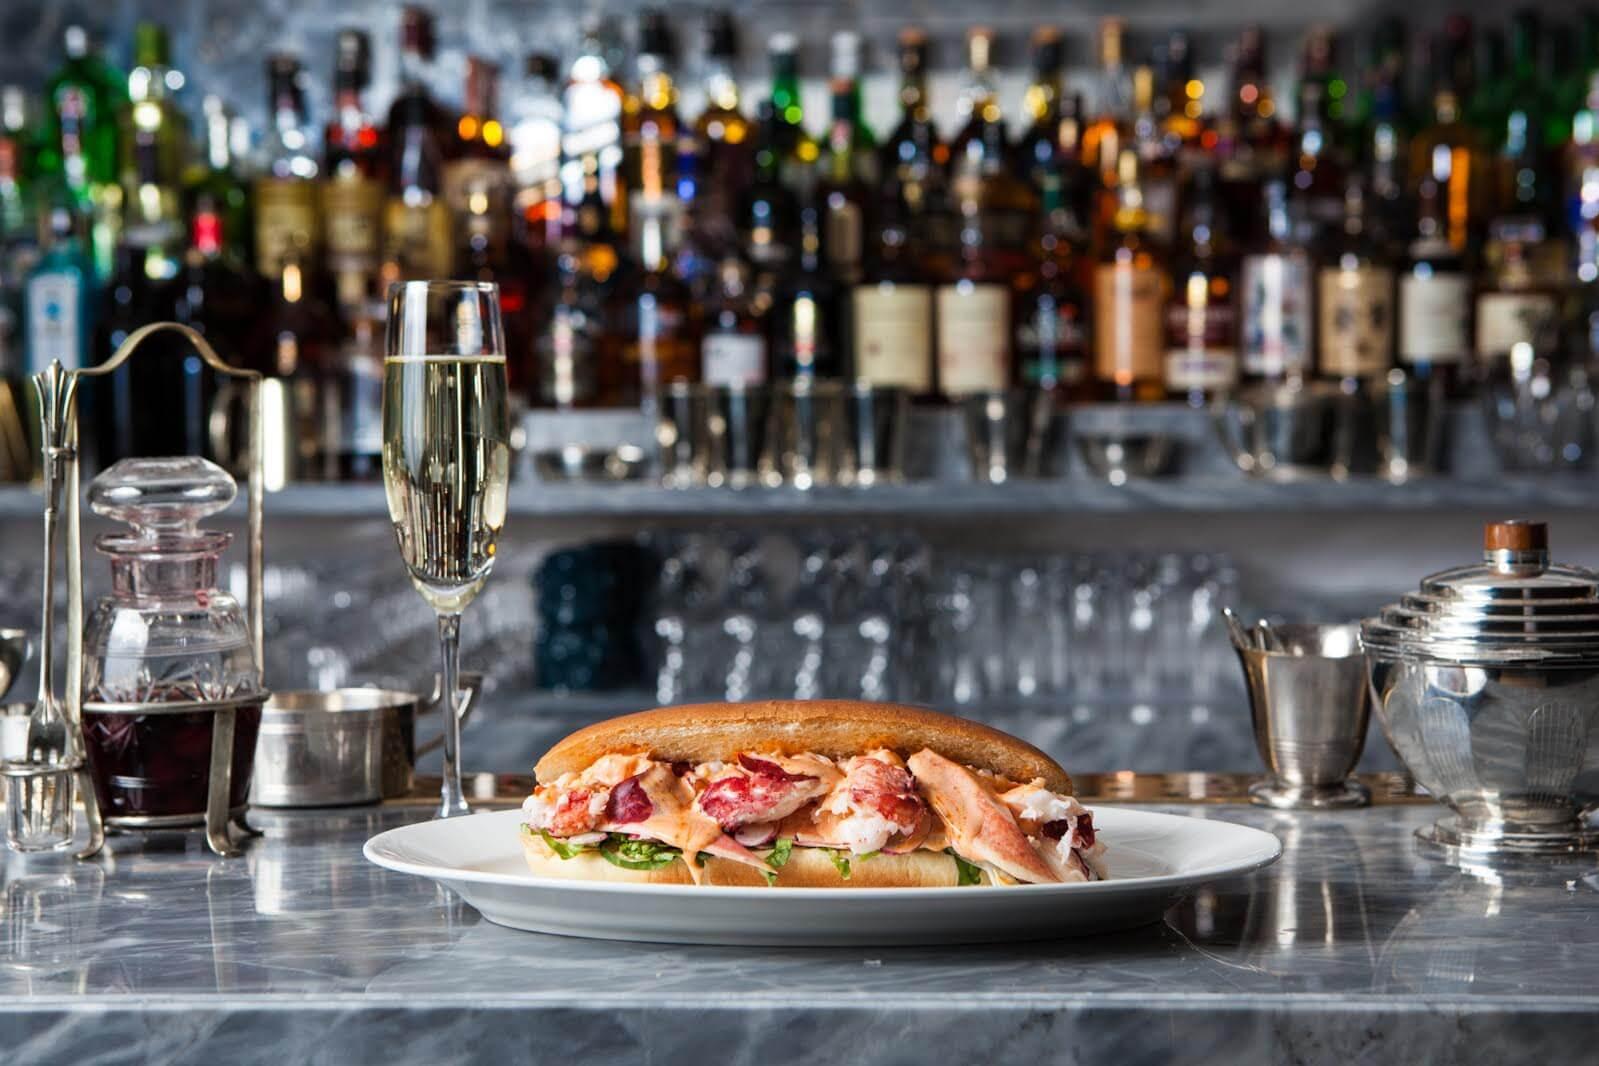 London restaurants, best lobster in london, lobster rolls, lobster restaurants london, lobster in london, seafood restaurants in London, best sandwiches in london, cafes london, london cafes